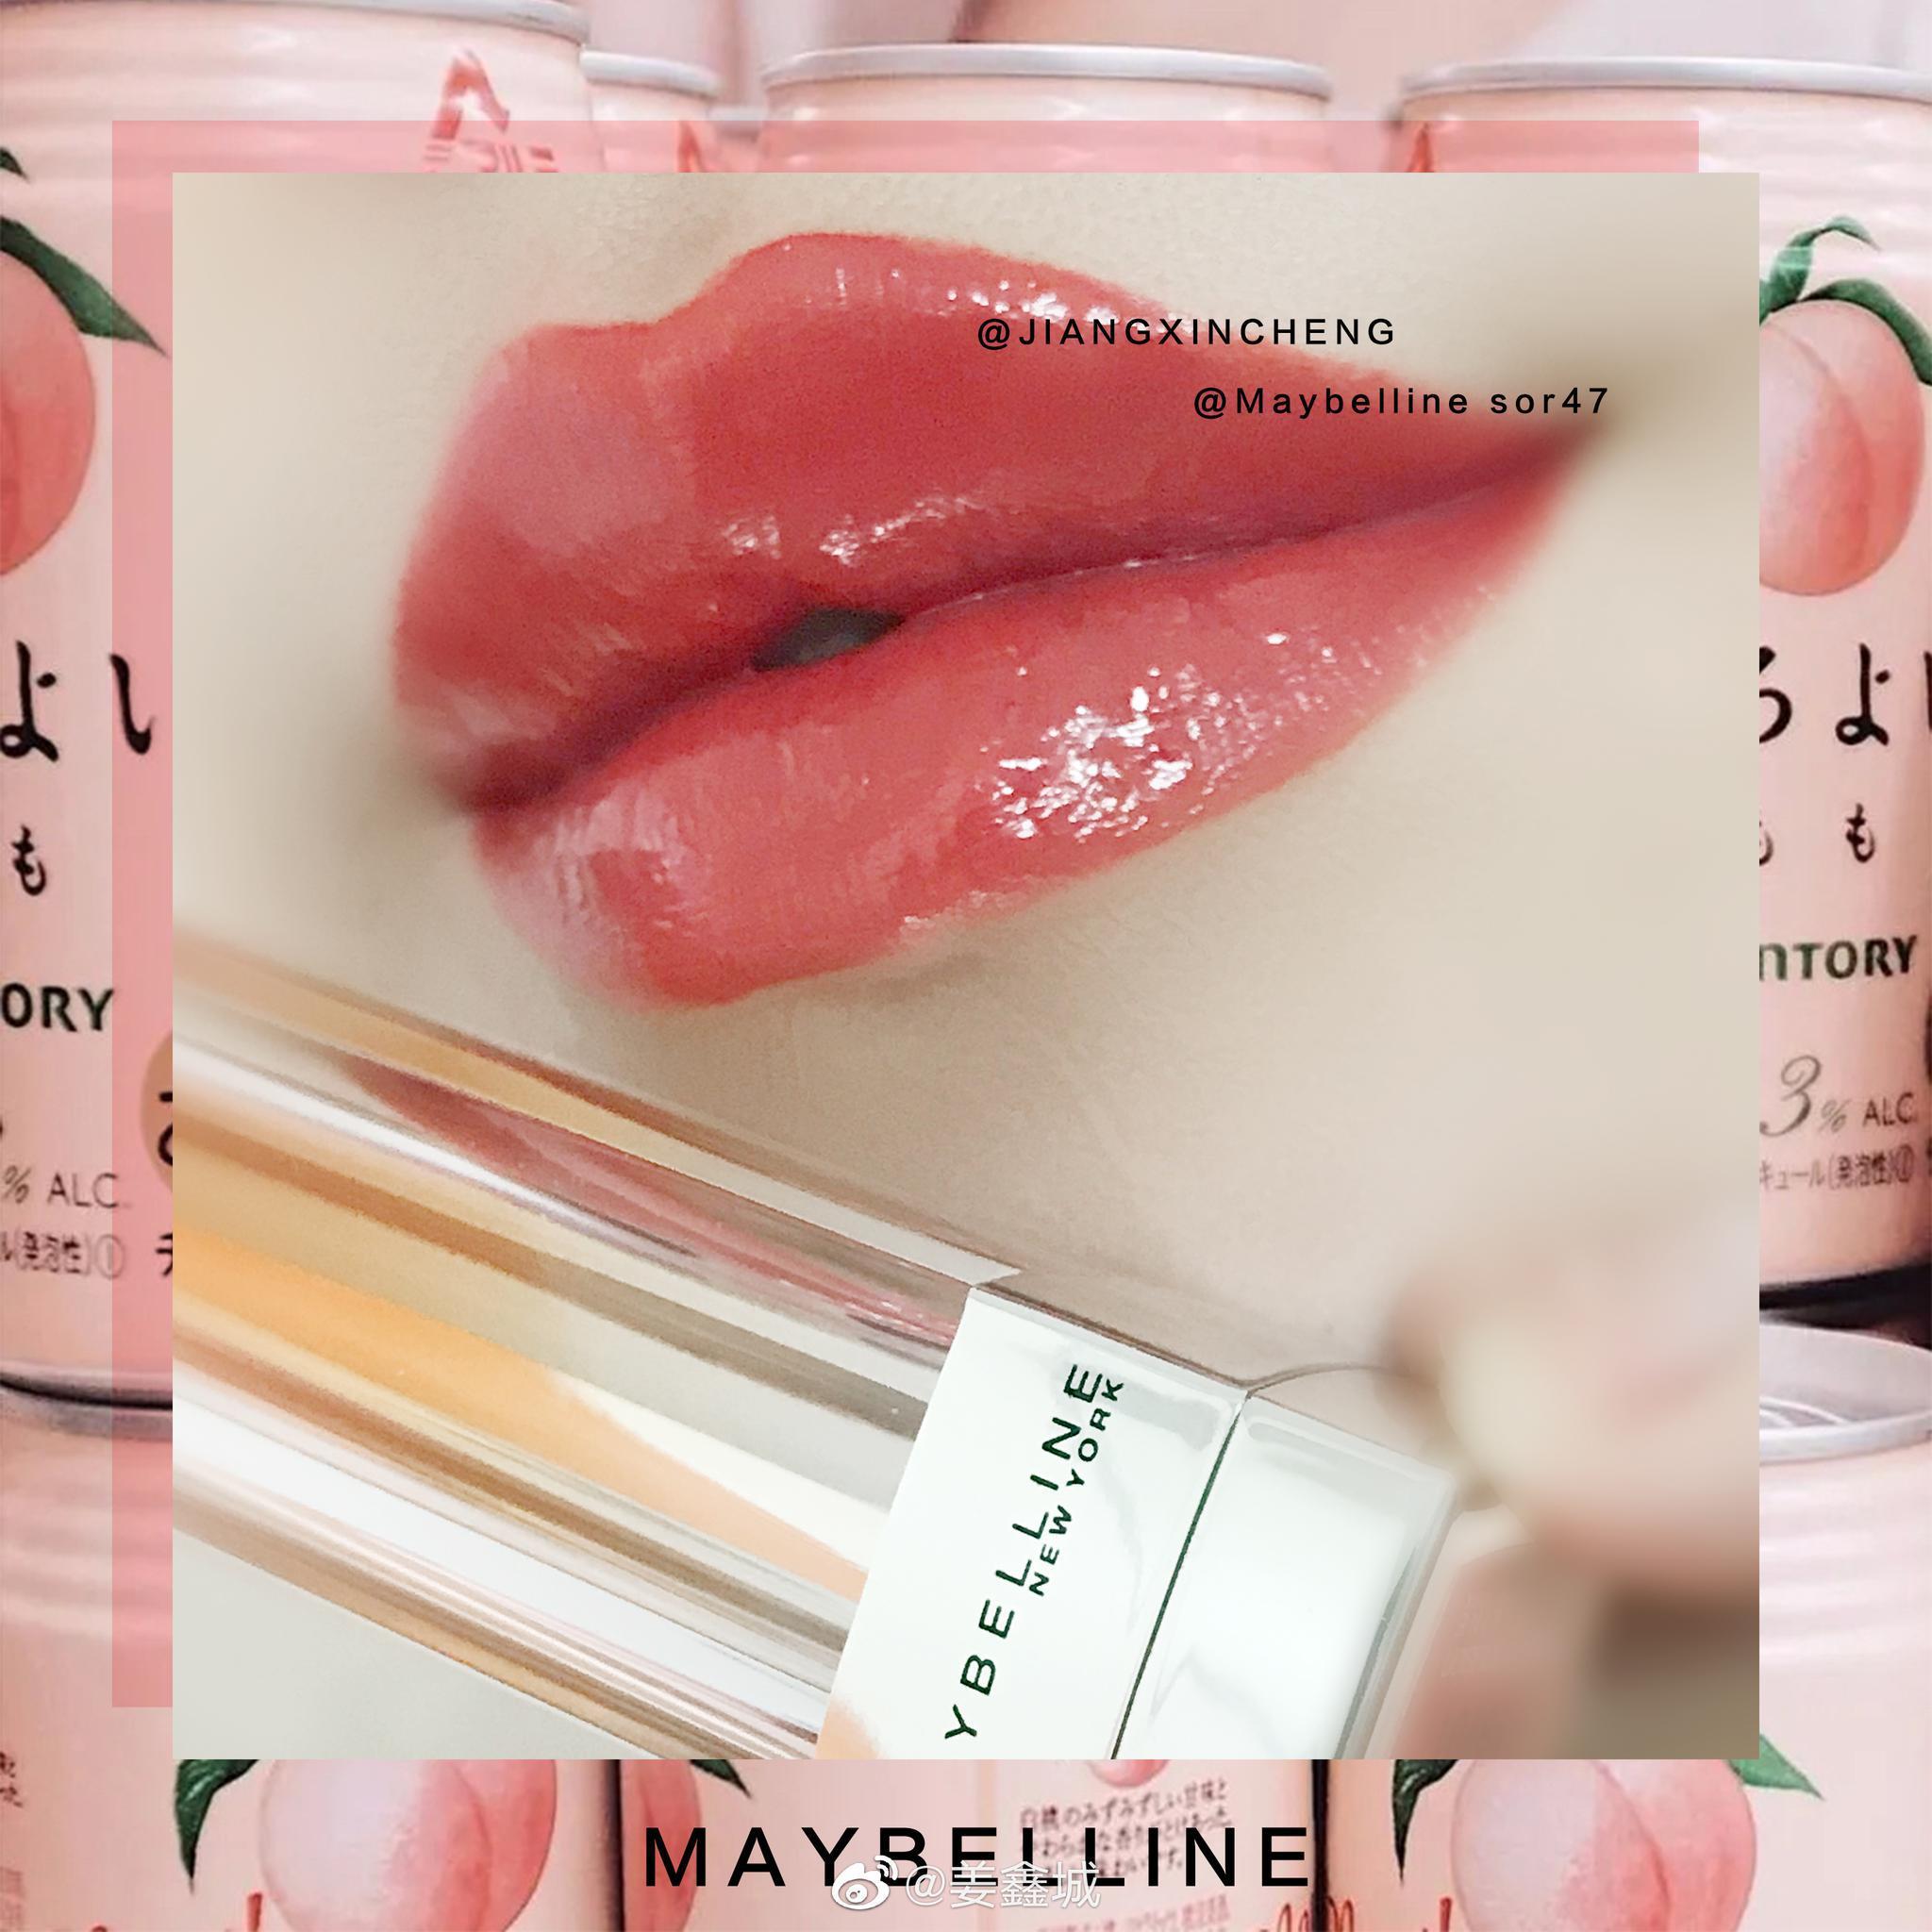 之前视频里的美宝莲SOR74 超好看的日落枫叶色🍁 膏体是滋润质地